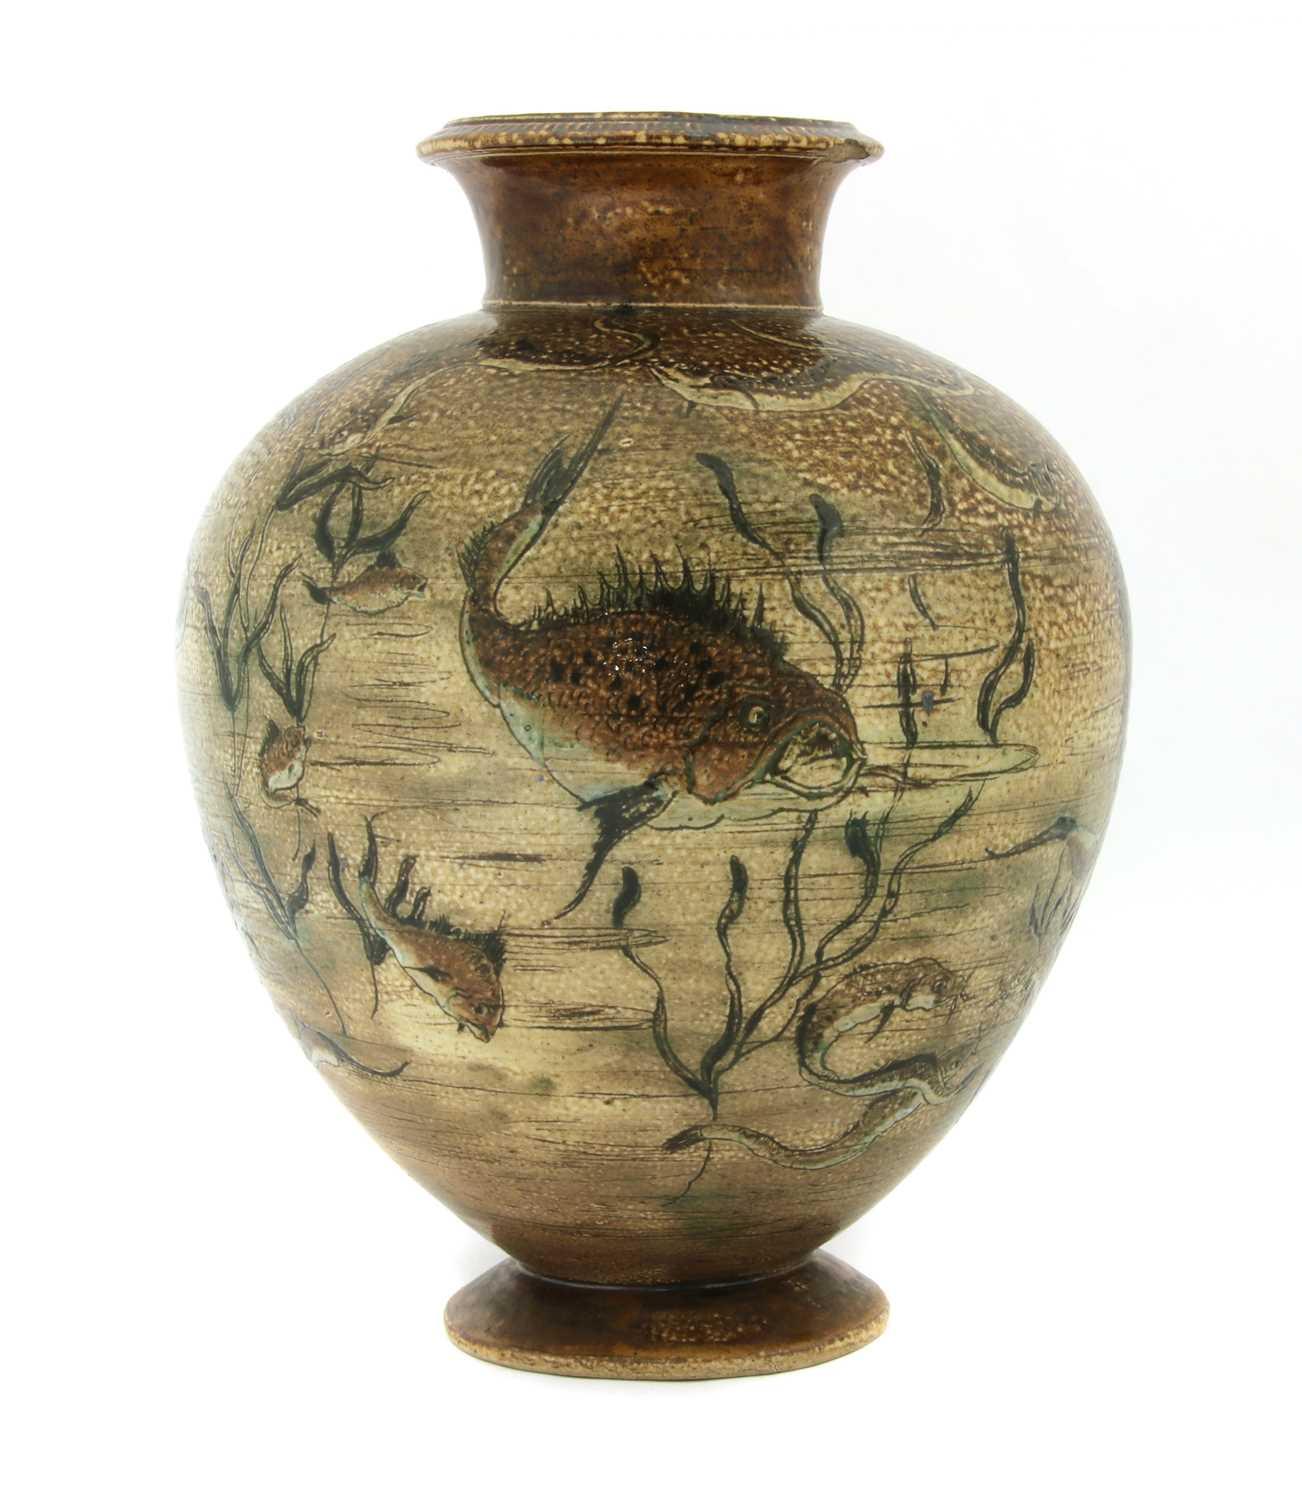 Lot 22 - A Martin Brothers' stoneware aquatic vase